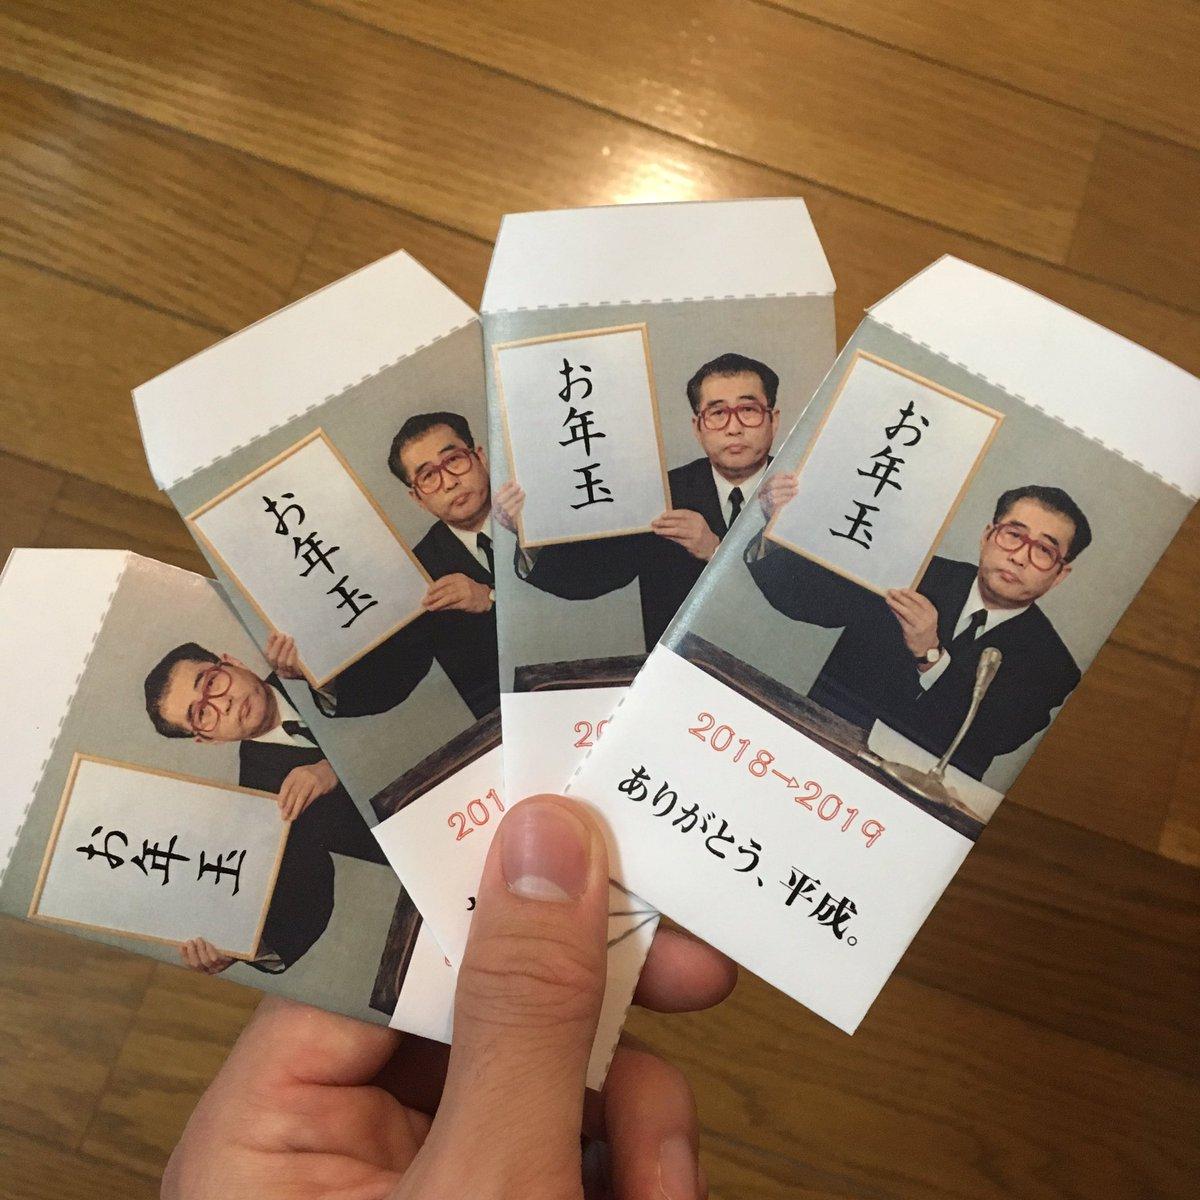 小渕さんの新元号お披露目お年玉ポチ袋